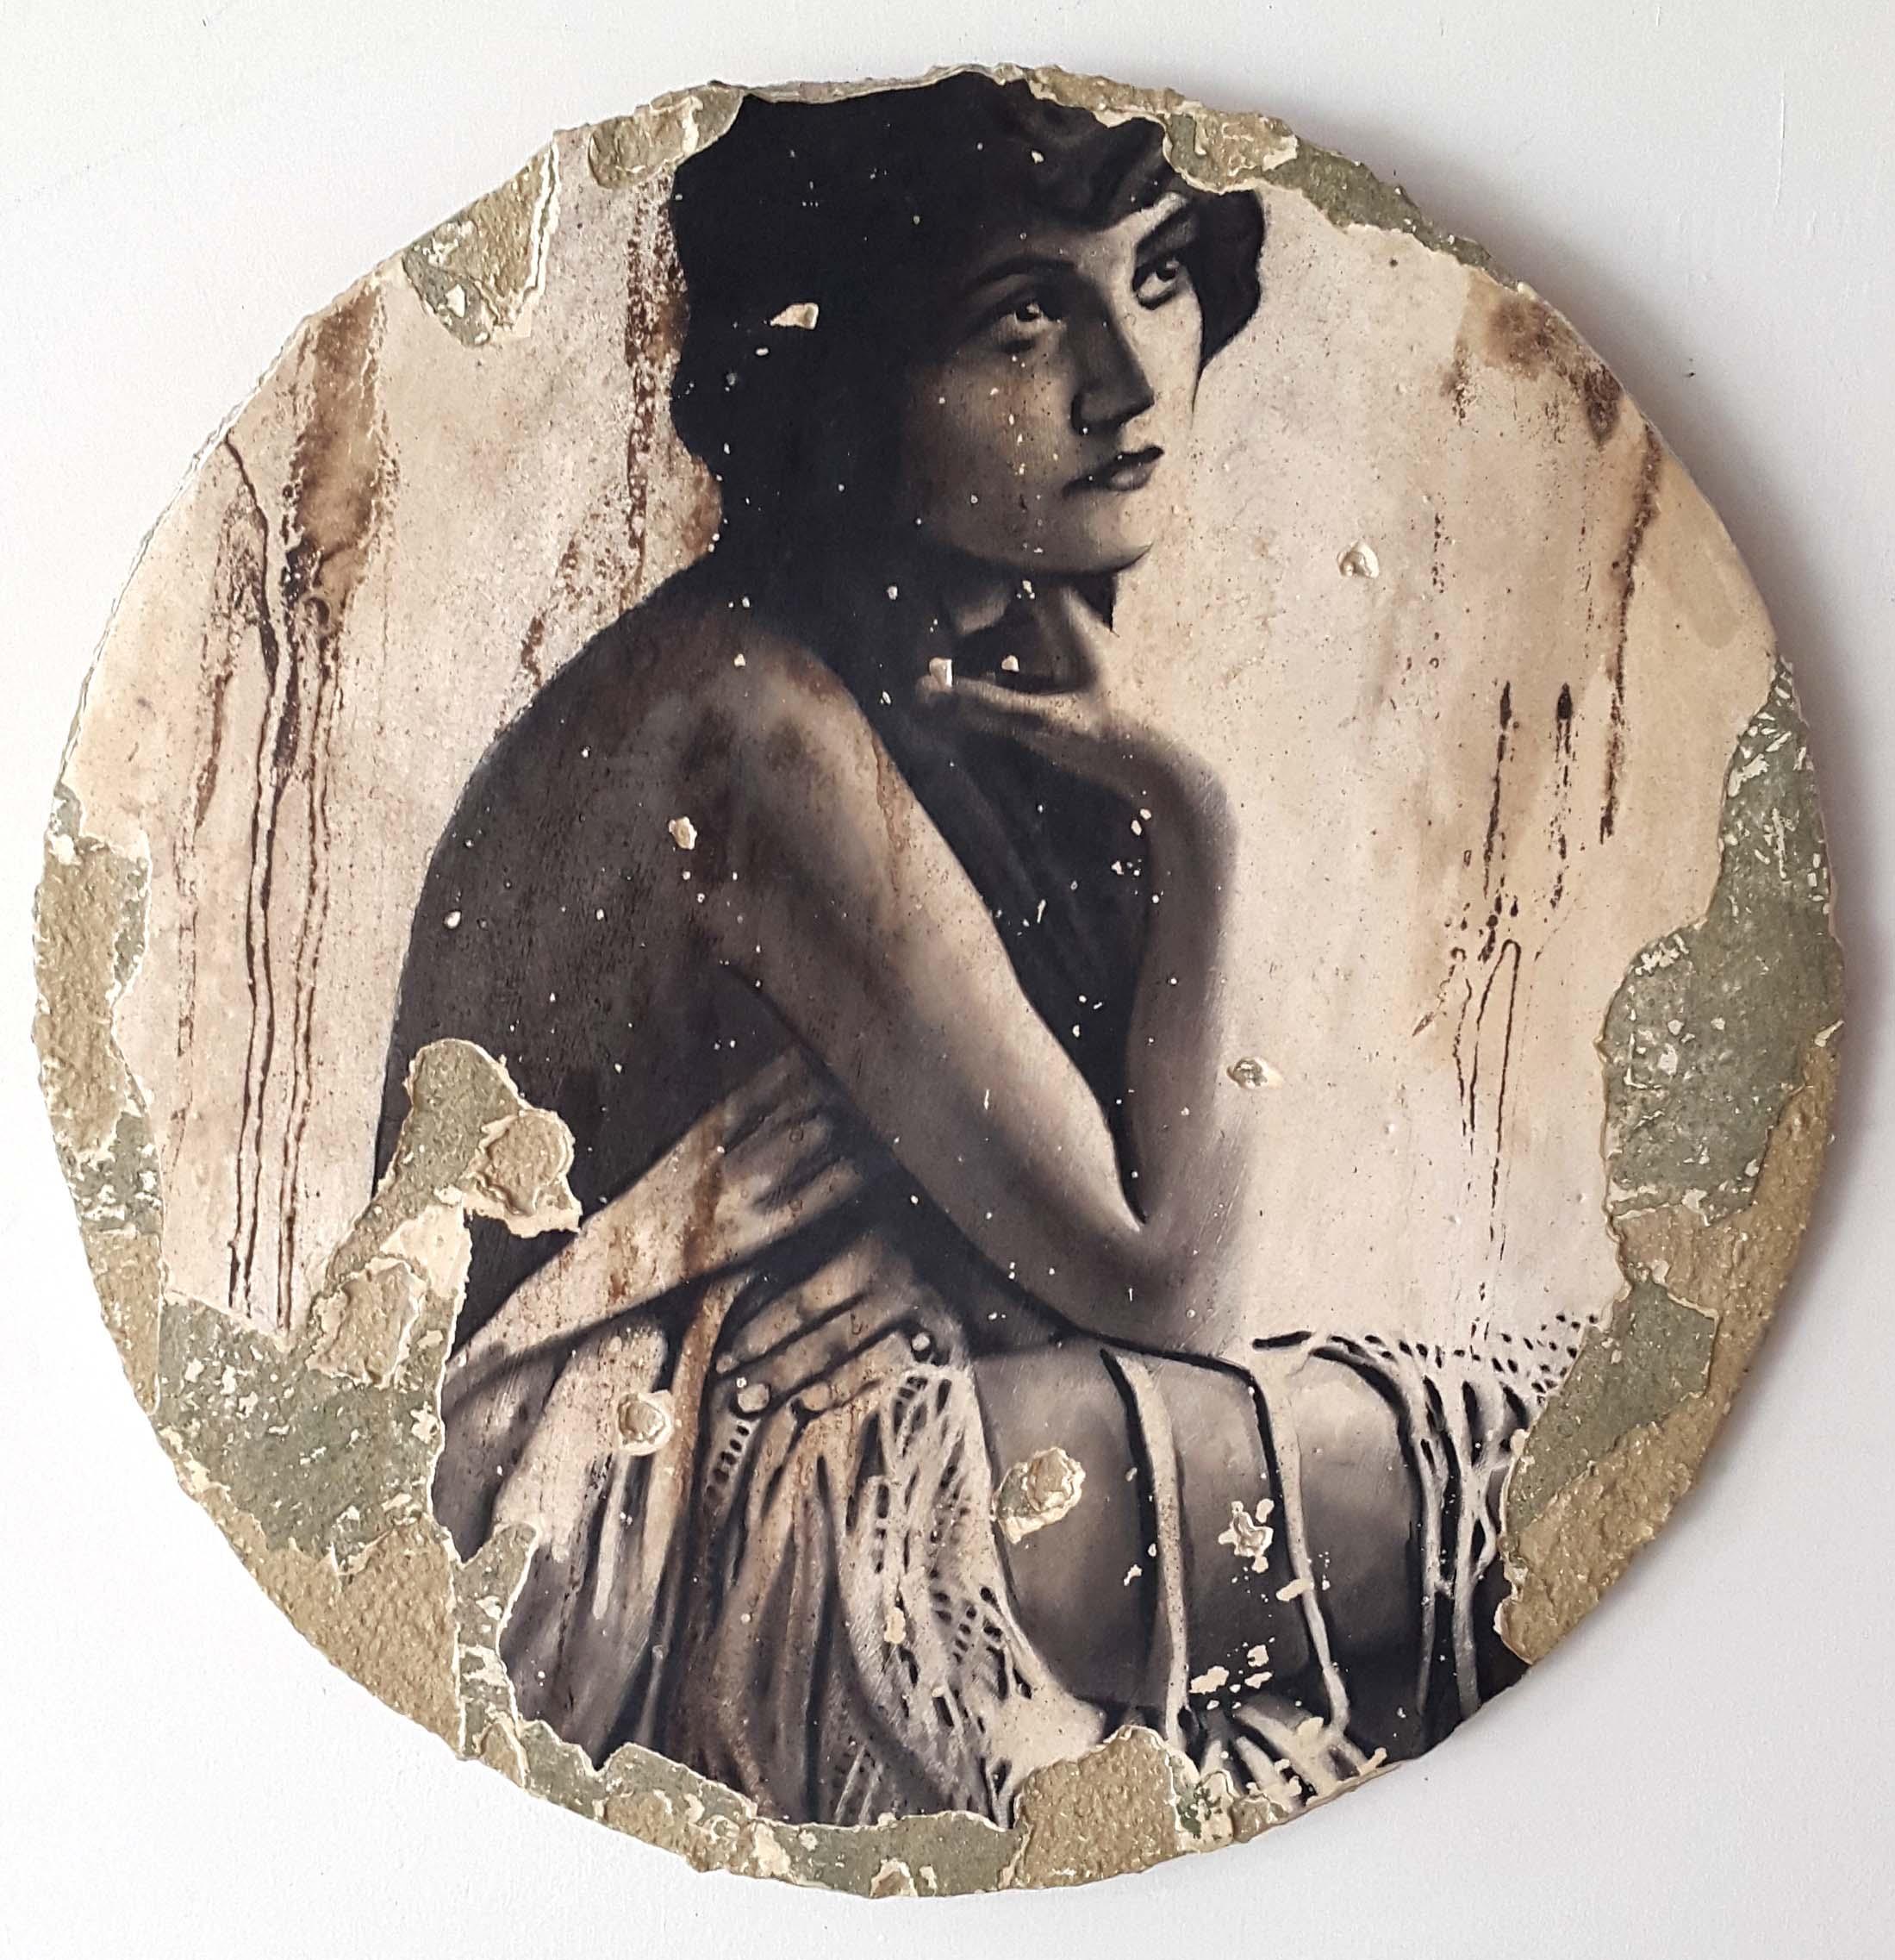 Descialbo (carboncino, bitume, tempera, intonaco) su cartone, 50x50 cm